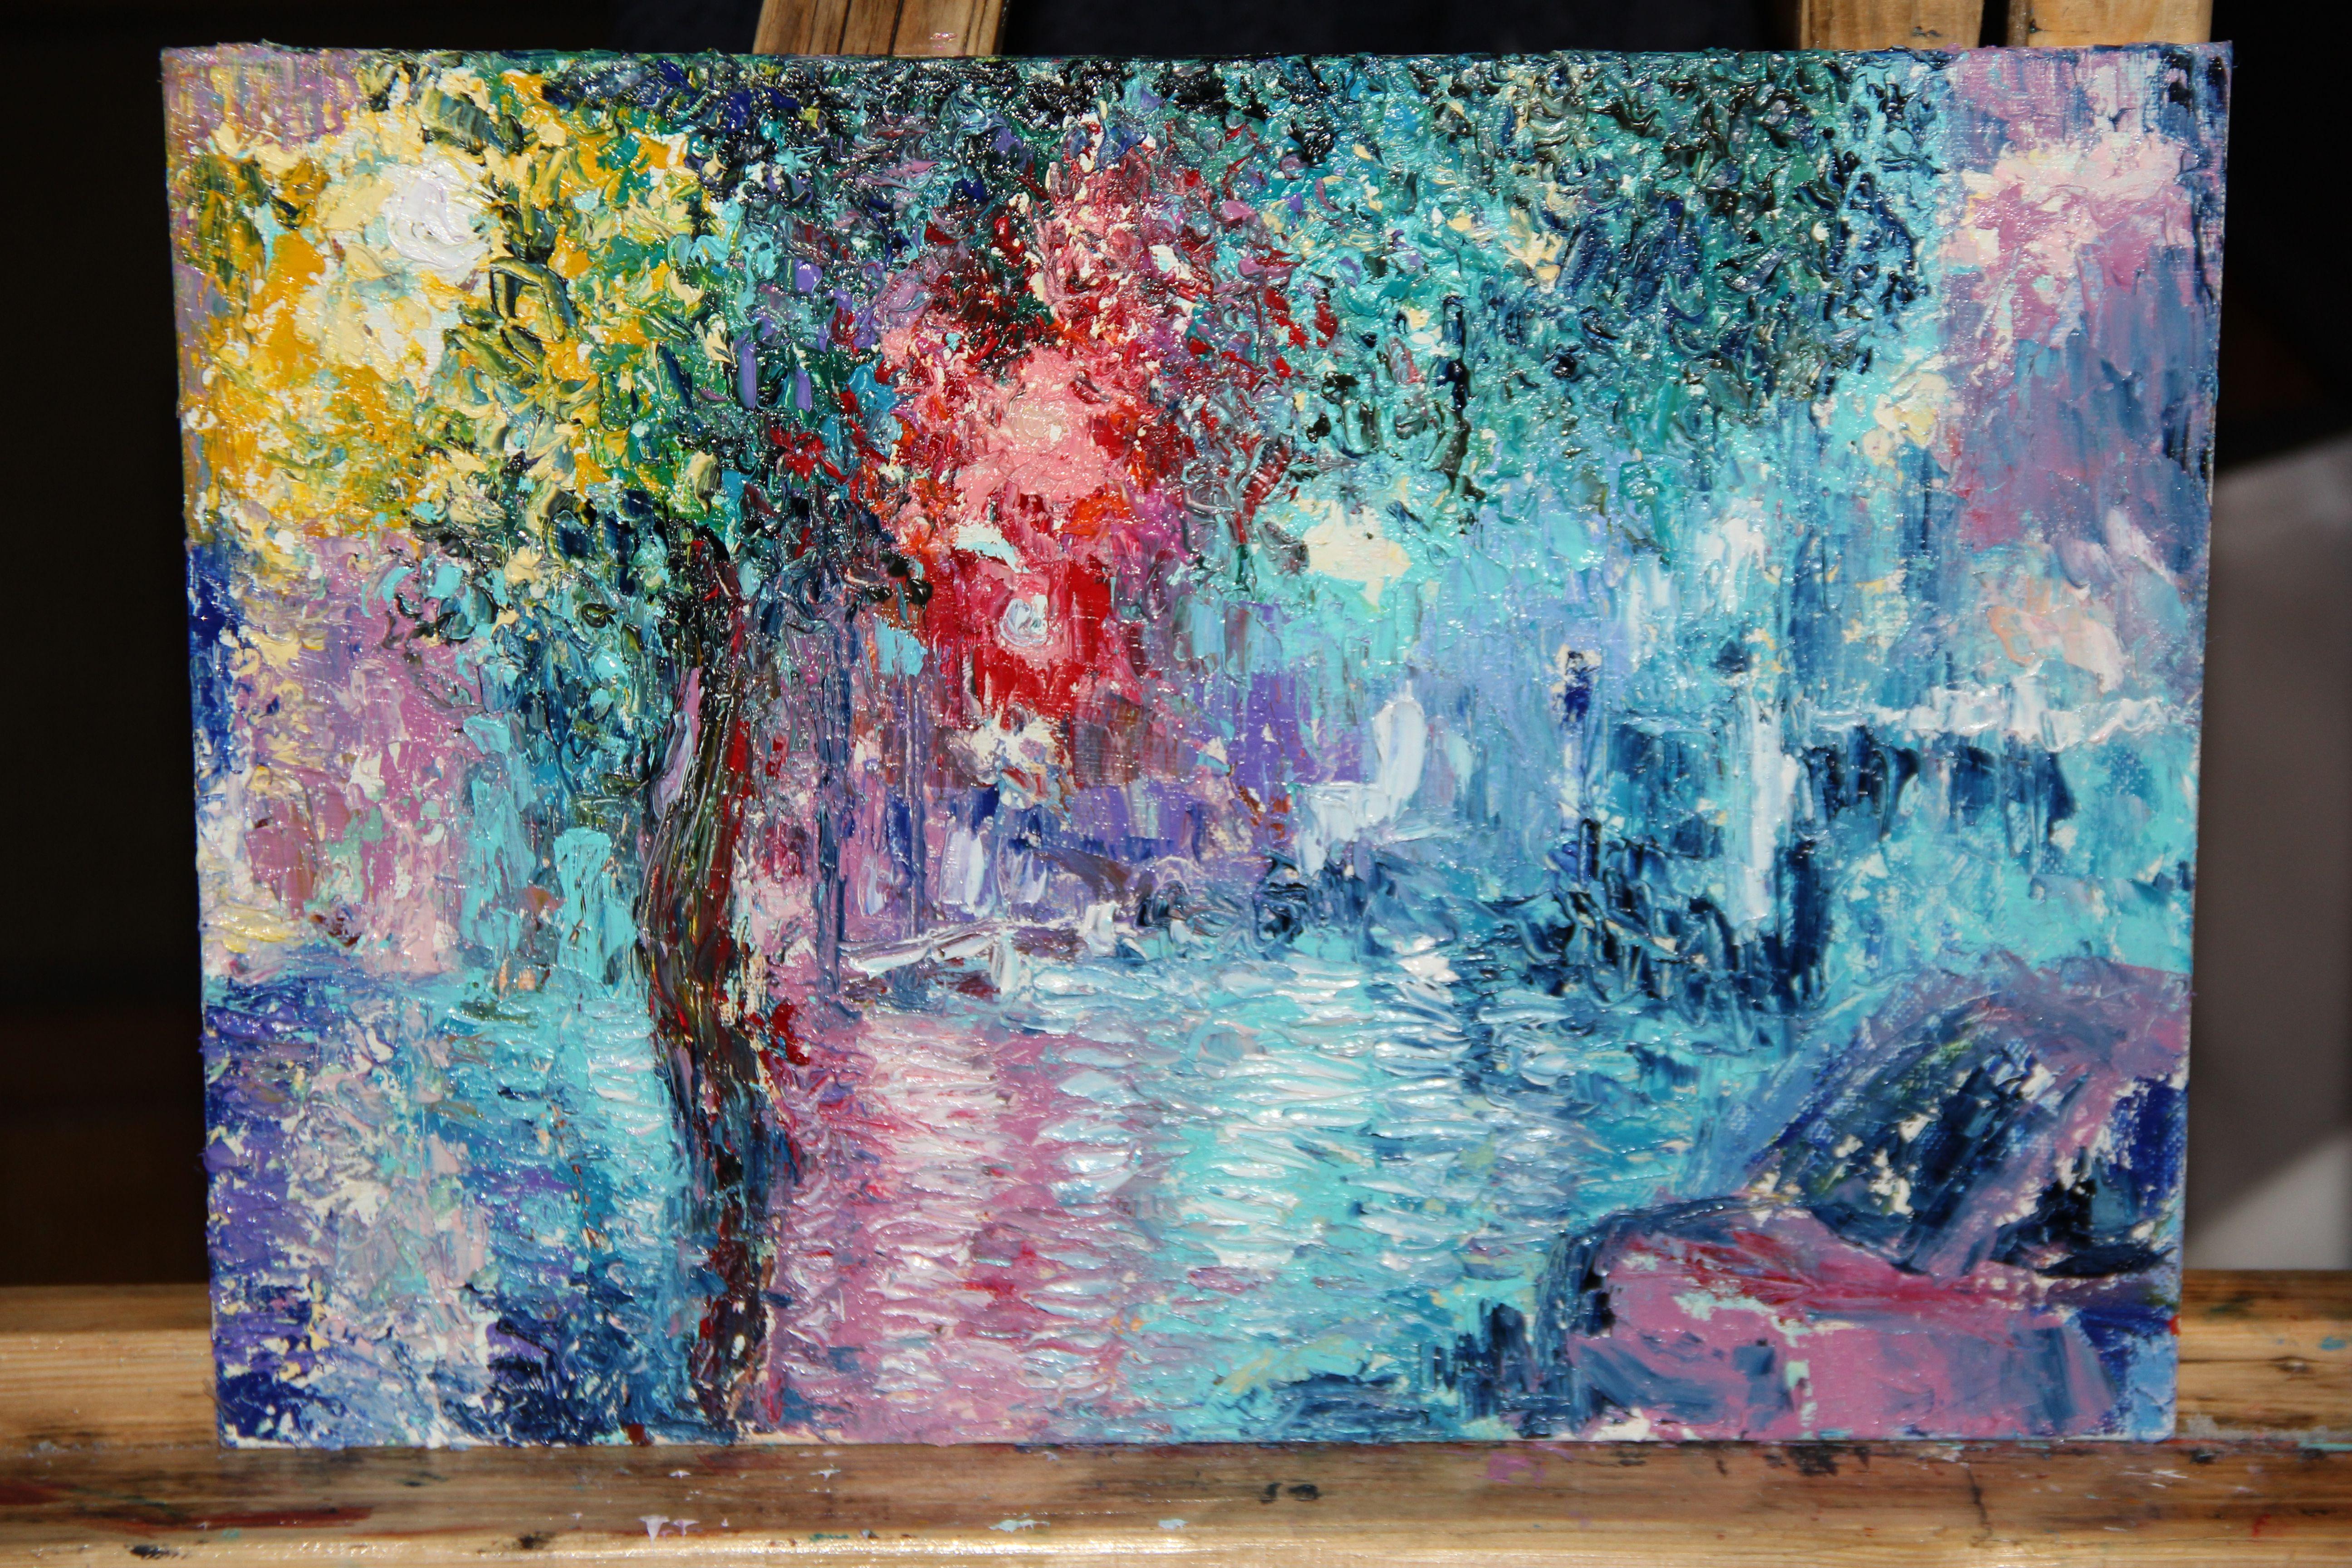 холст парк ночь город абстракция картина осень масло мастихин живопись улица пейзаж